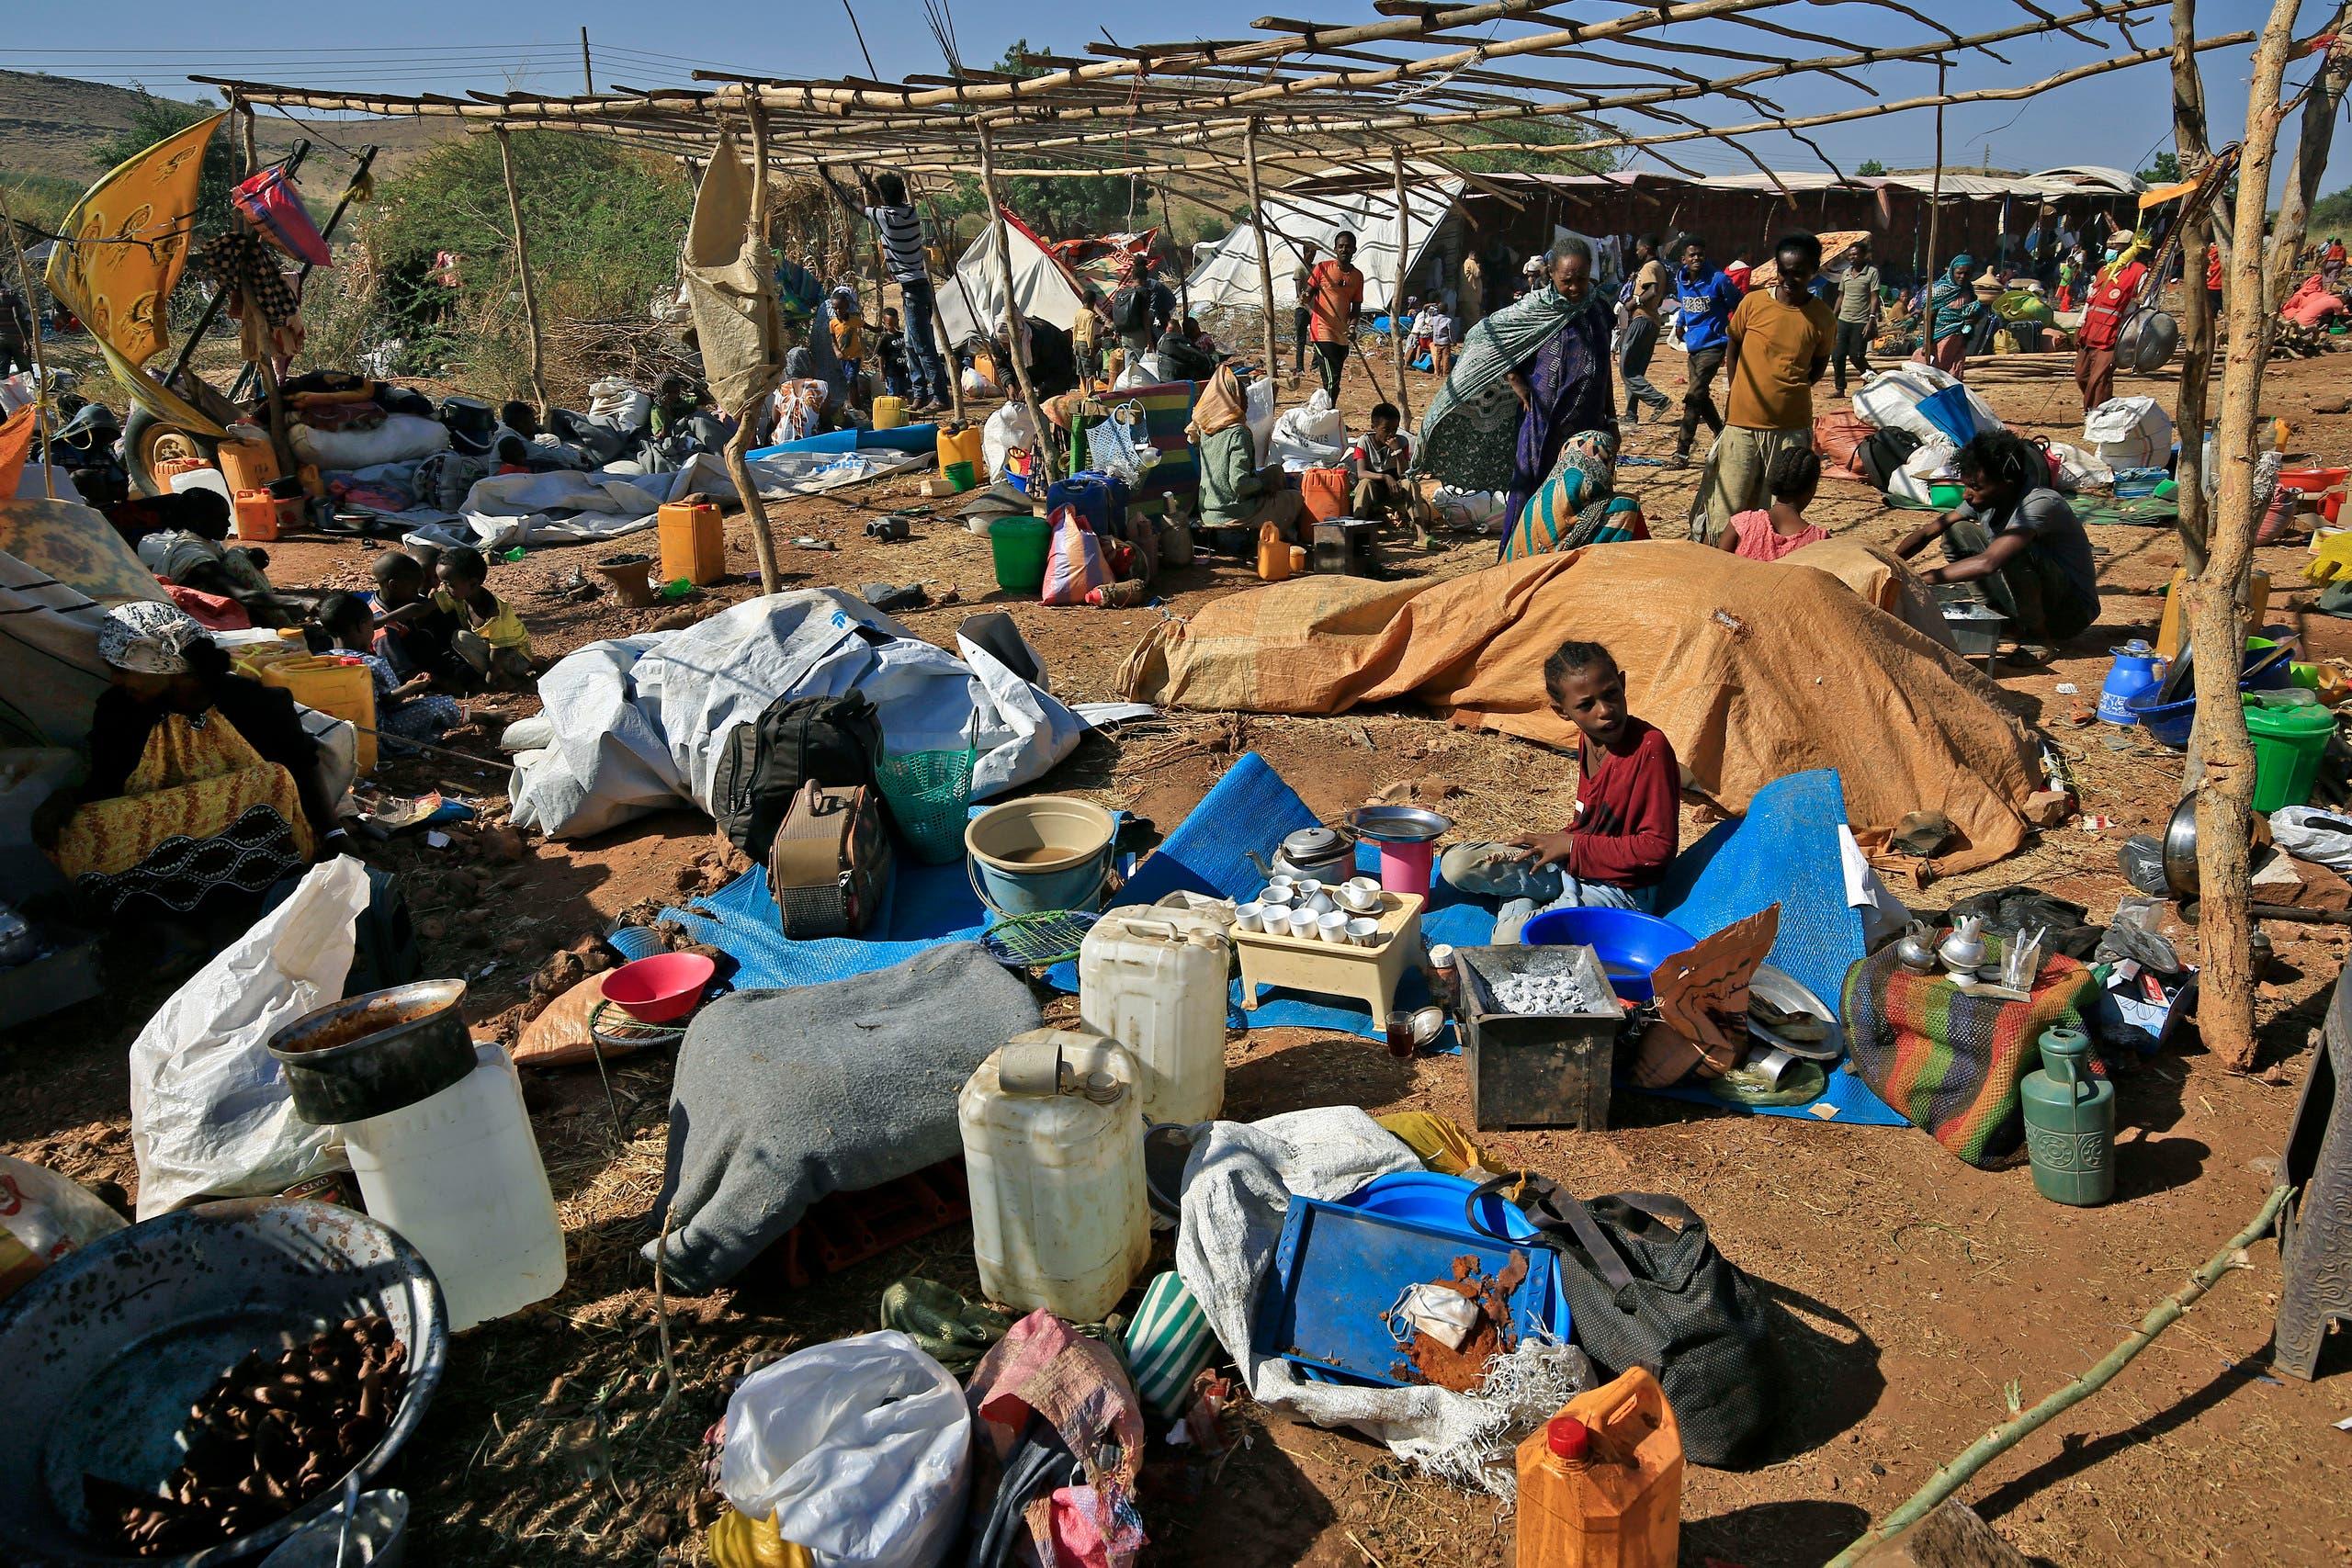 لاجئون إثيوبيون فروا من صراع تيغراي في مخيم أم ركوبة بمحافظة القضارف شرق السودان يوم 28 نوفمبر